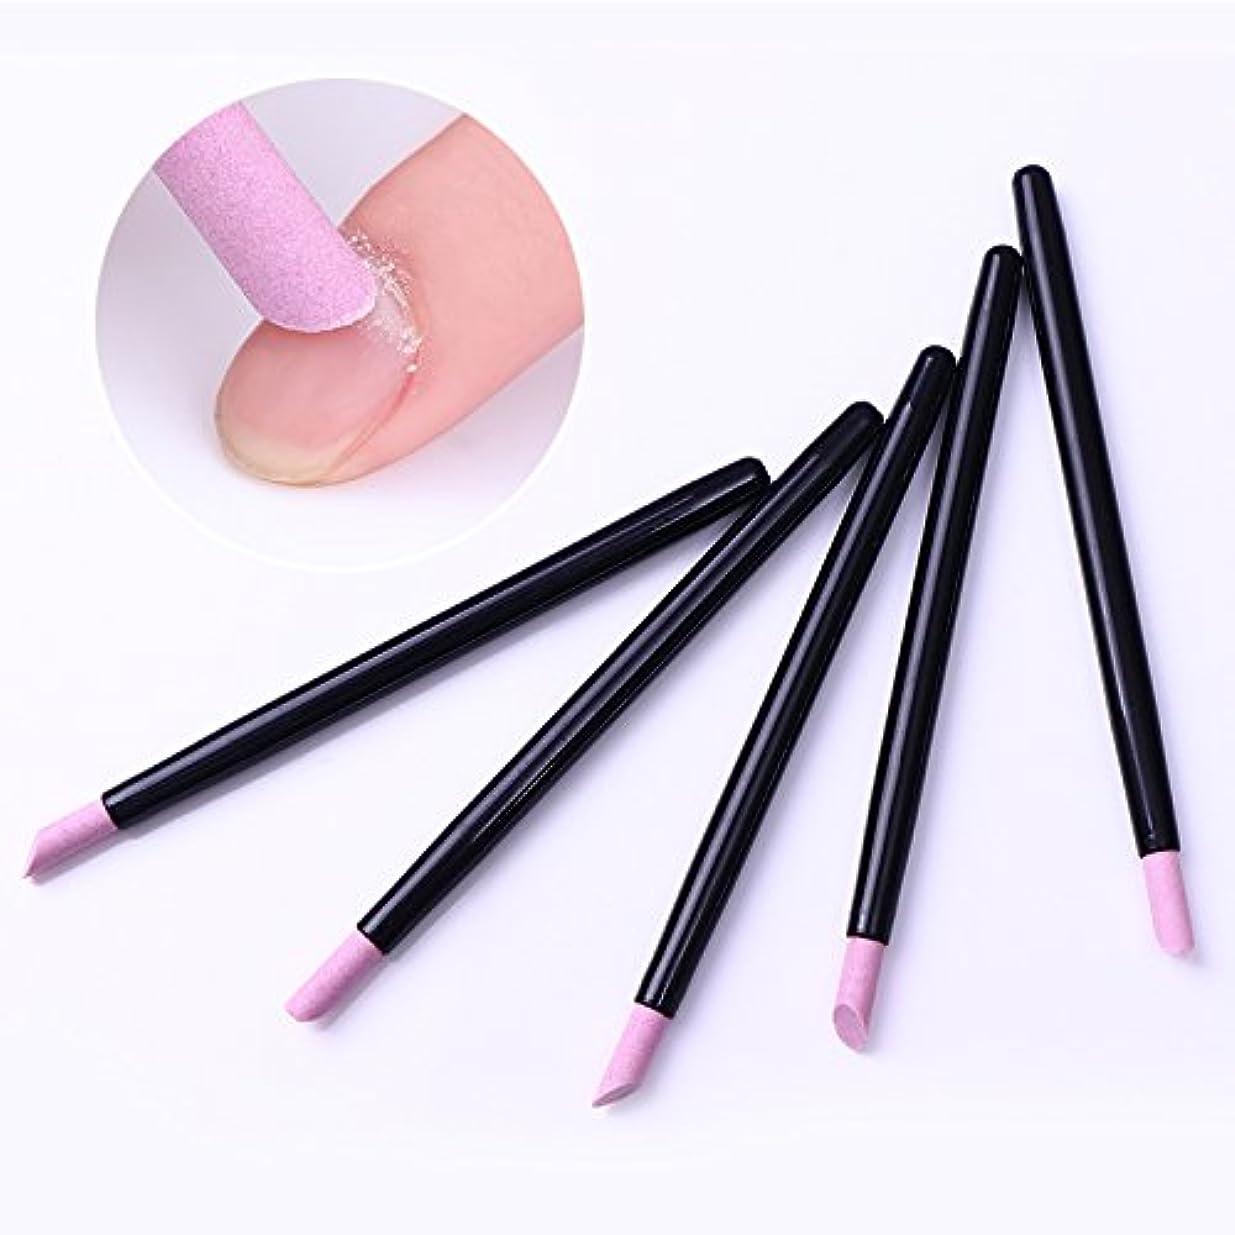 アドバイスパーセント誰5Pcs Cuticle Remover Pusher Trimmer Quartz Stone Scrub Pen Nail Tool Black Handle Manicure Nail Care Tool キューティクルリムーバープッシャートリマークォーツストーンスクラブペンネイルツールブラックハンドルマニキュアネイルケアツール